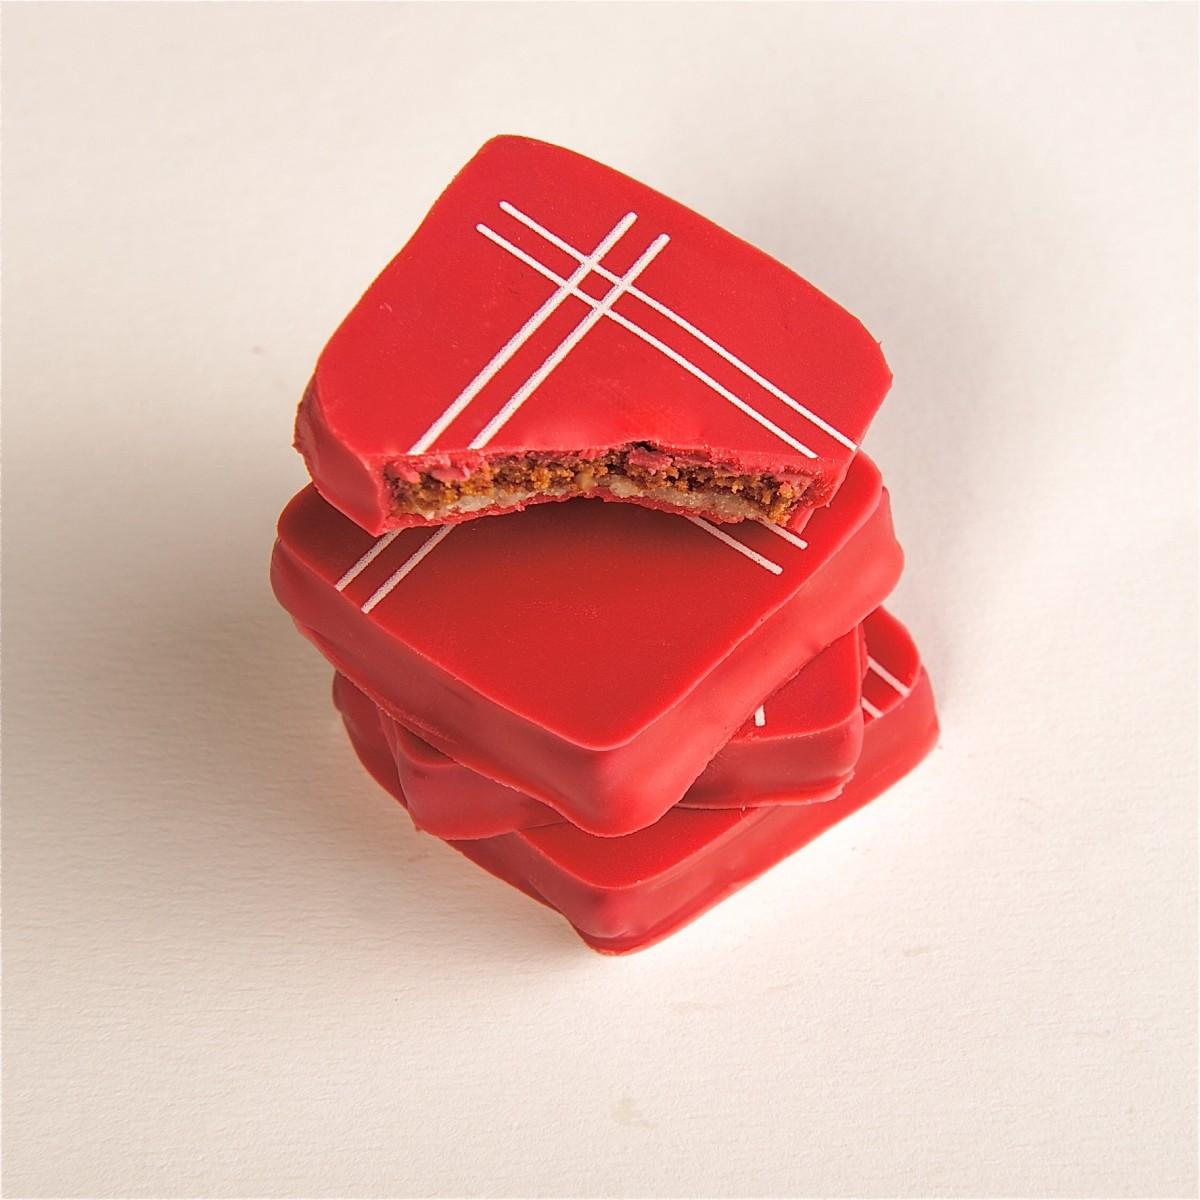 Cholet tourisme chocolat mouchoir rouge tradition pâte d'amande aromatisée à l'orange artisan passionné